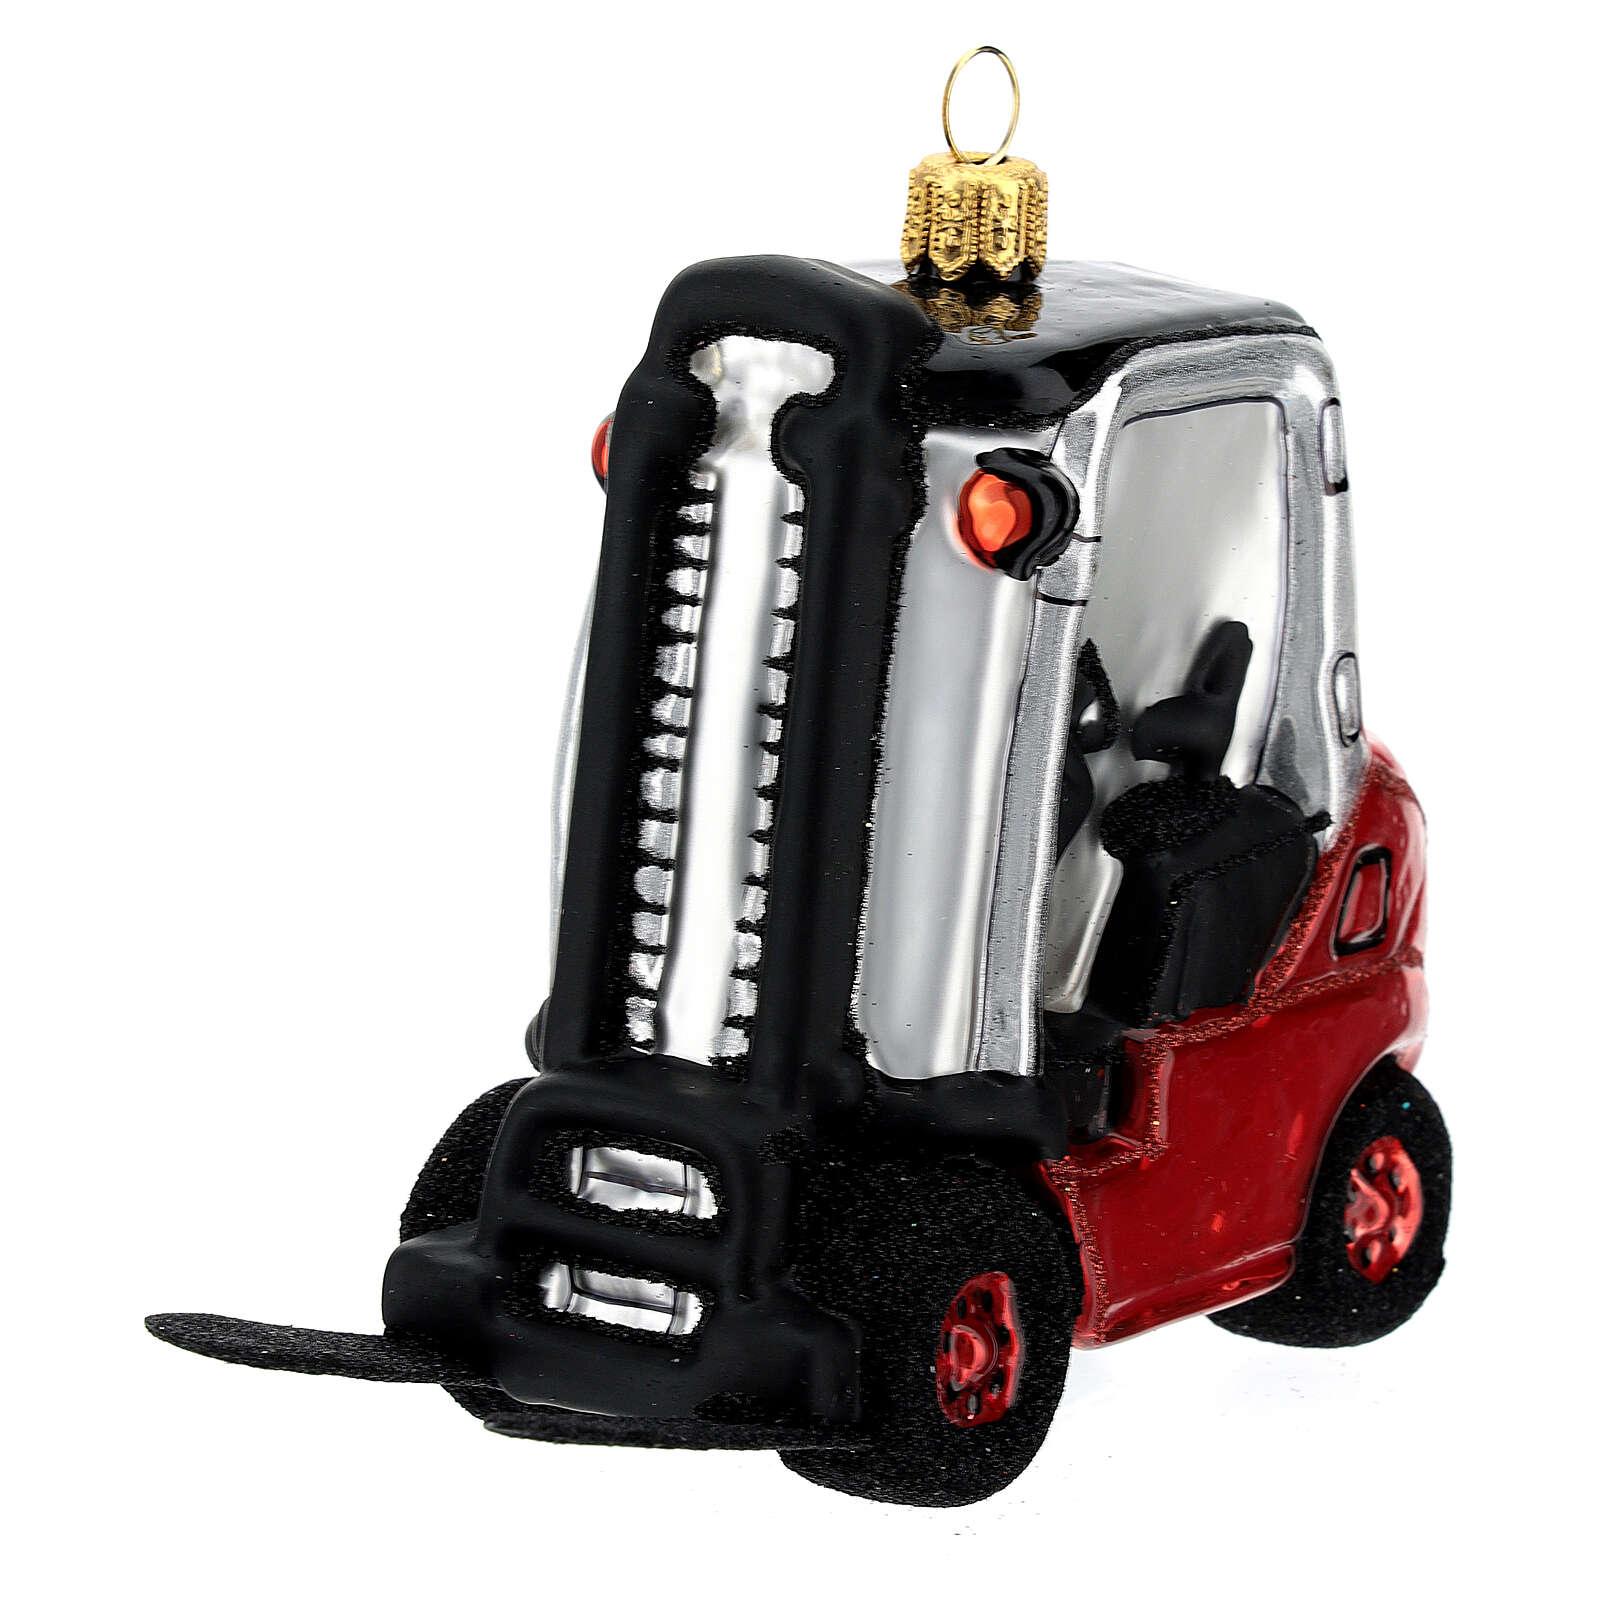 Chariot élévateur verre soufflé décoration sapin Noël 4